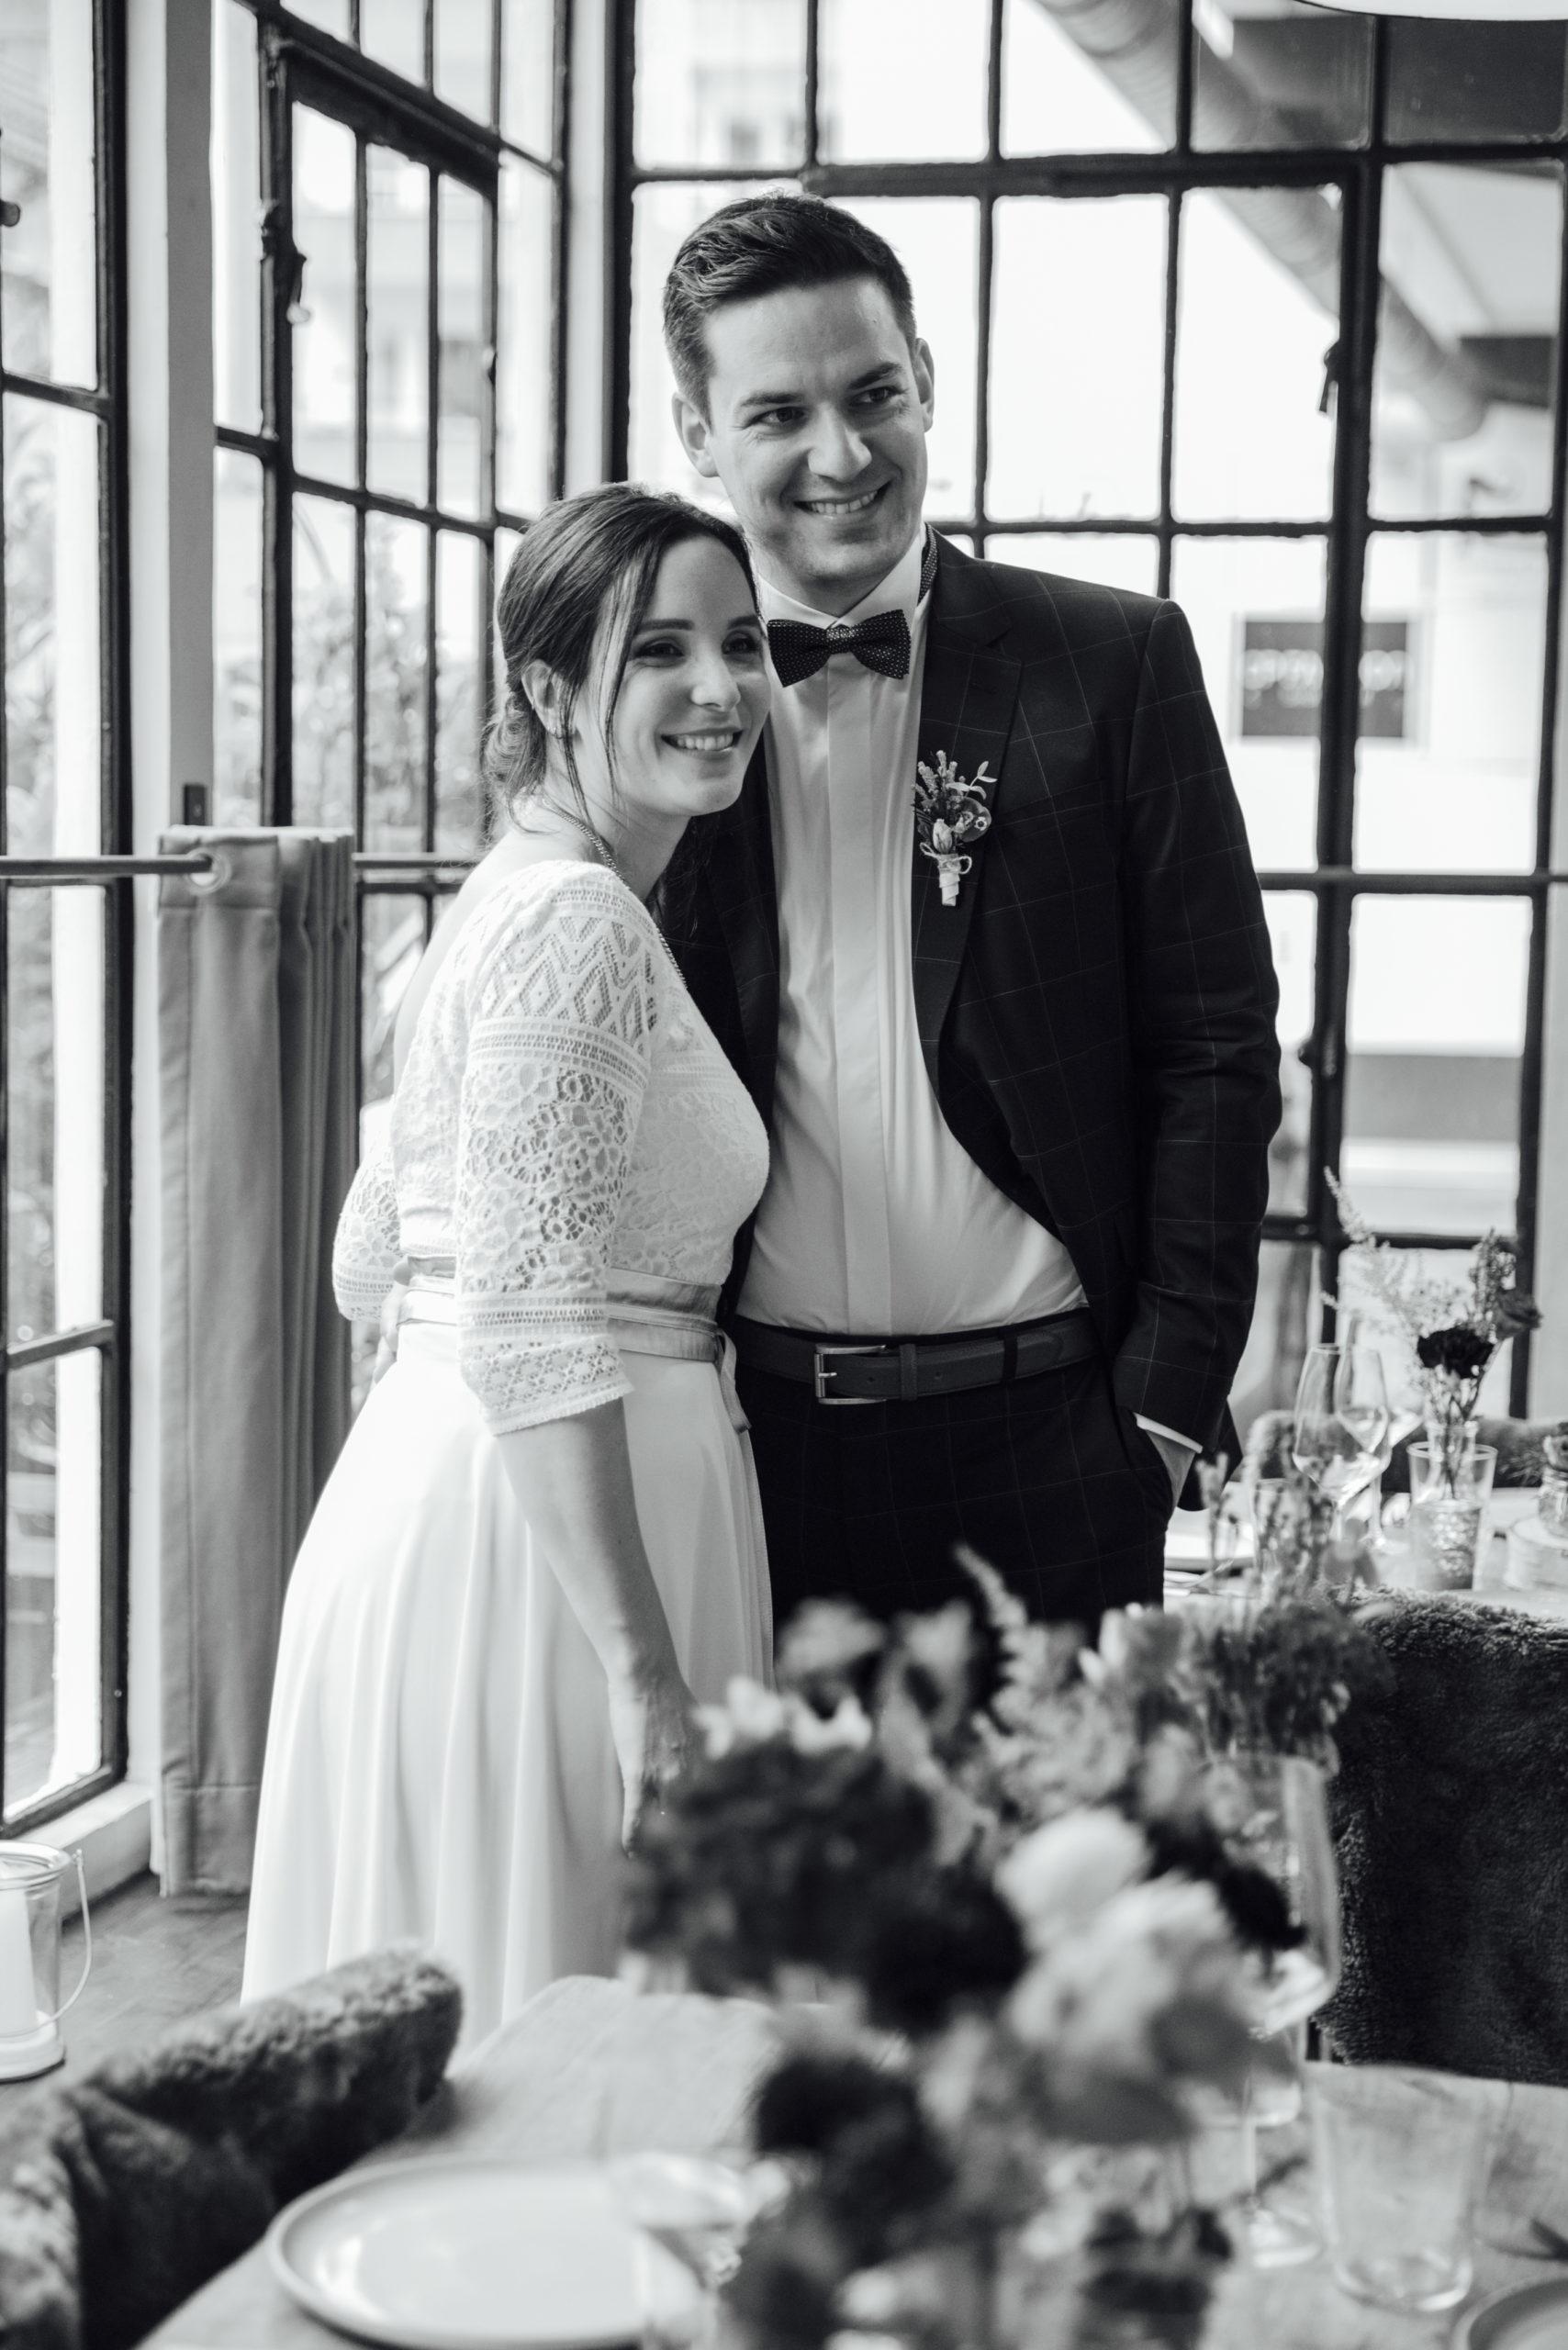 Schwarz-Weiß-Foto: Brautpaar lachend, Braut in weißem Brautkleid-Zweiteiler und Gürtel in Roségold-Metallic, Bräutigam mit blau-kariertem Anzug und Fliege